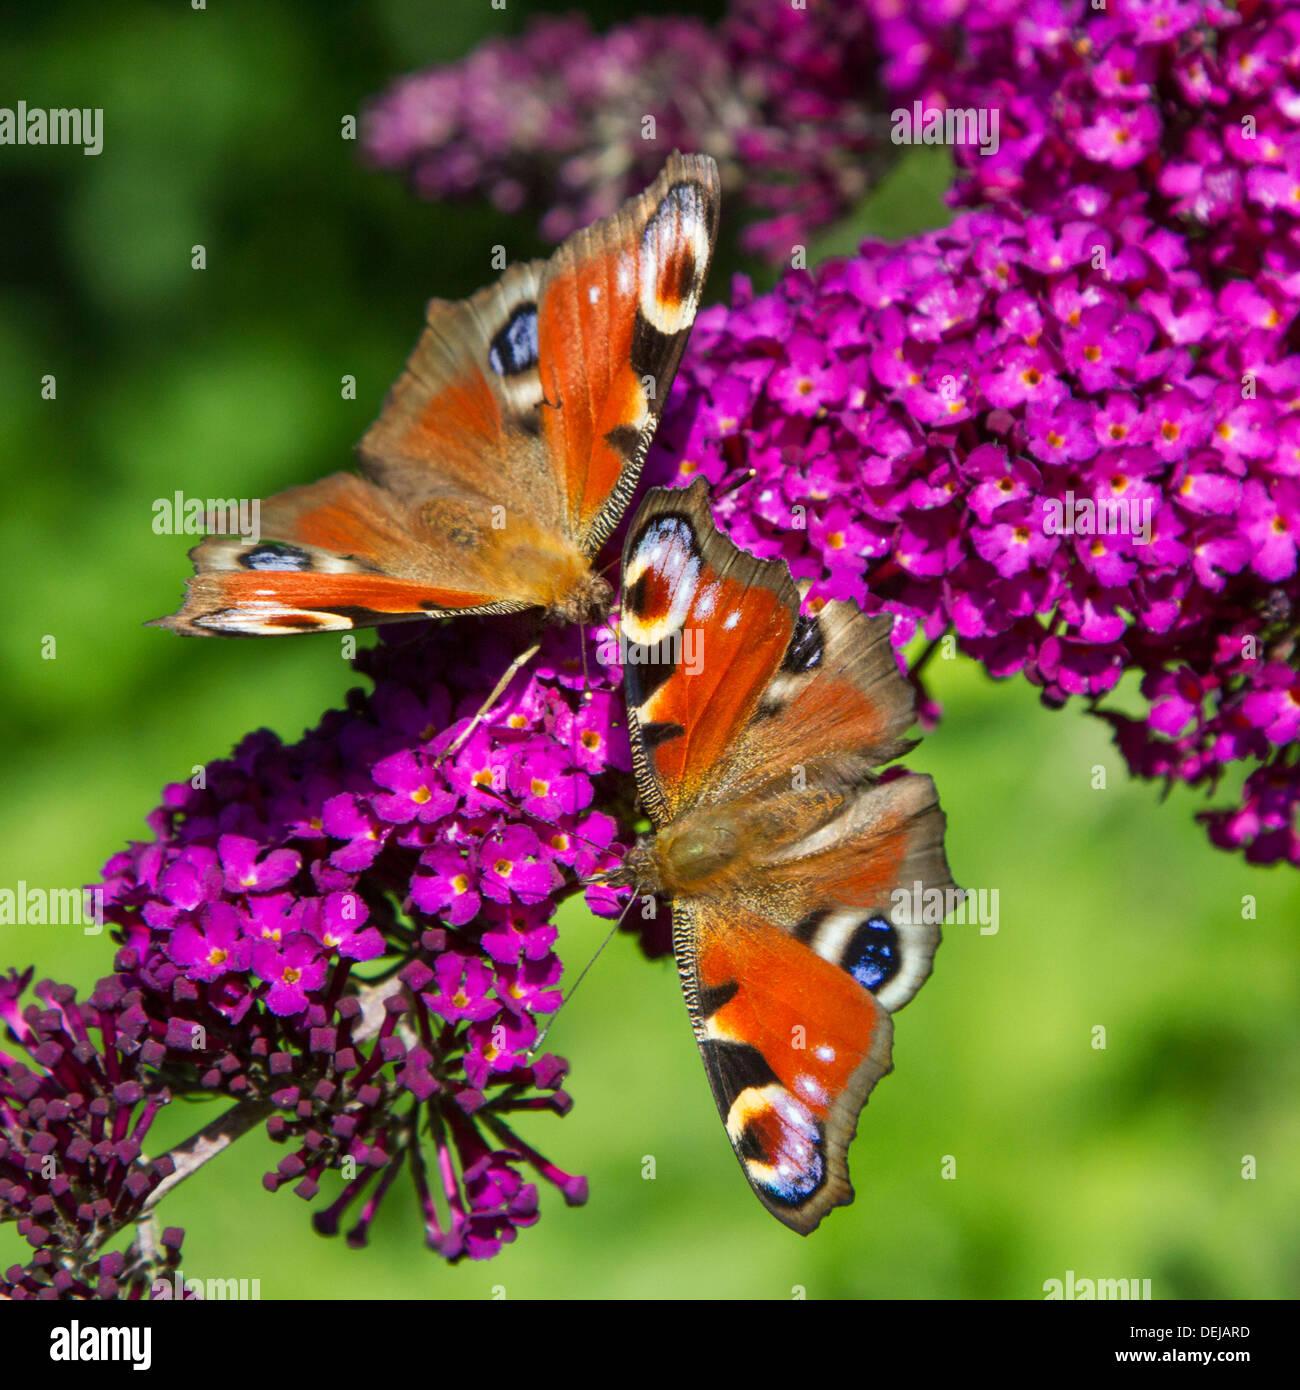 Deux papillons paon (Aglais io / Inachis io) sur fleurs lilas d'été / butterfly Buddleja davidii (-bush) Photo Stock